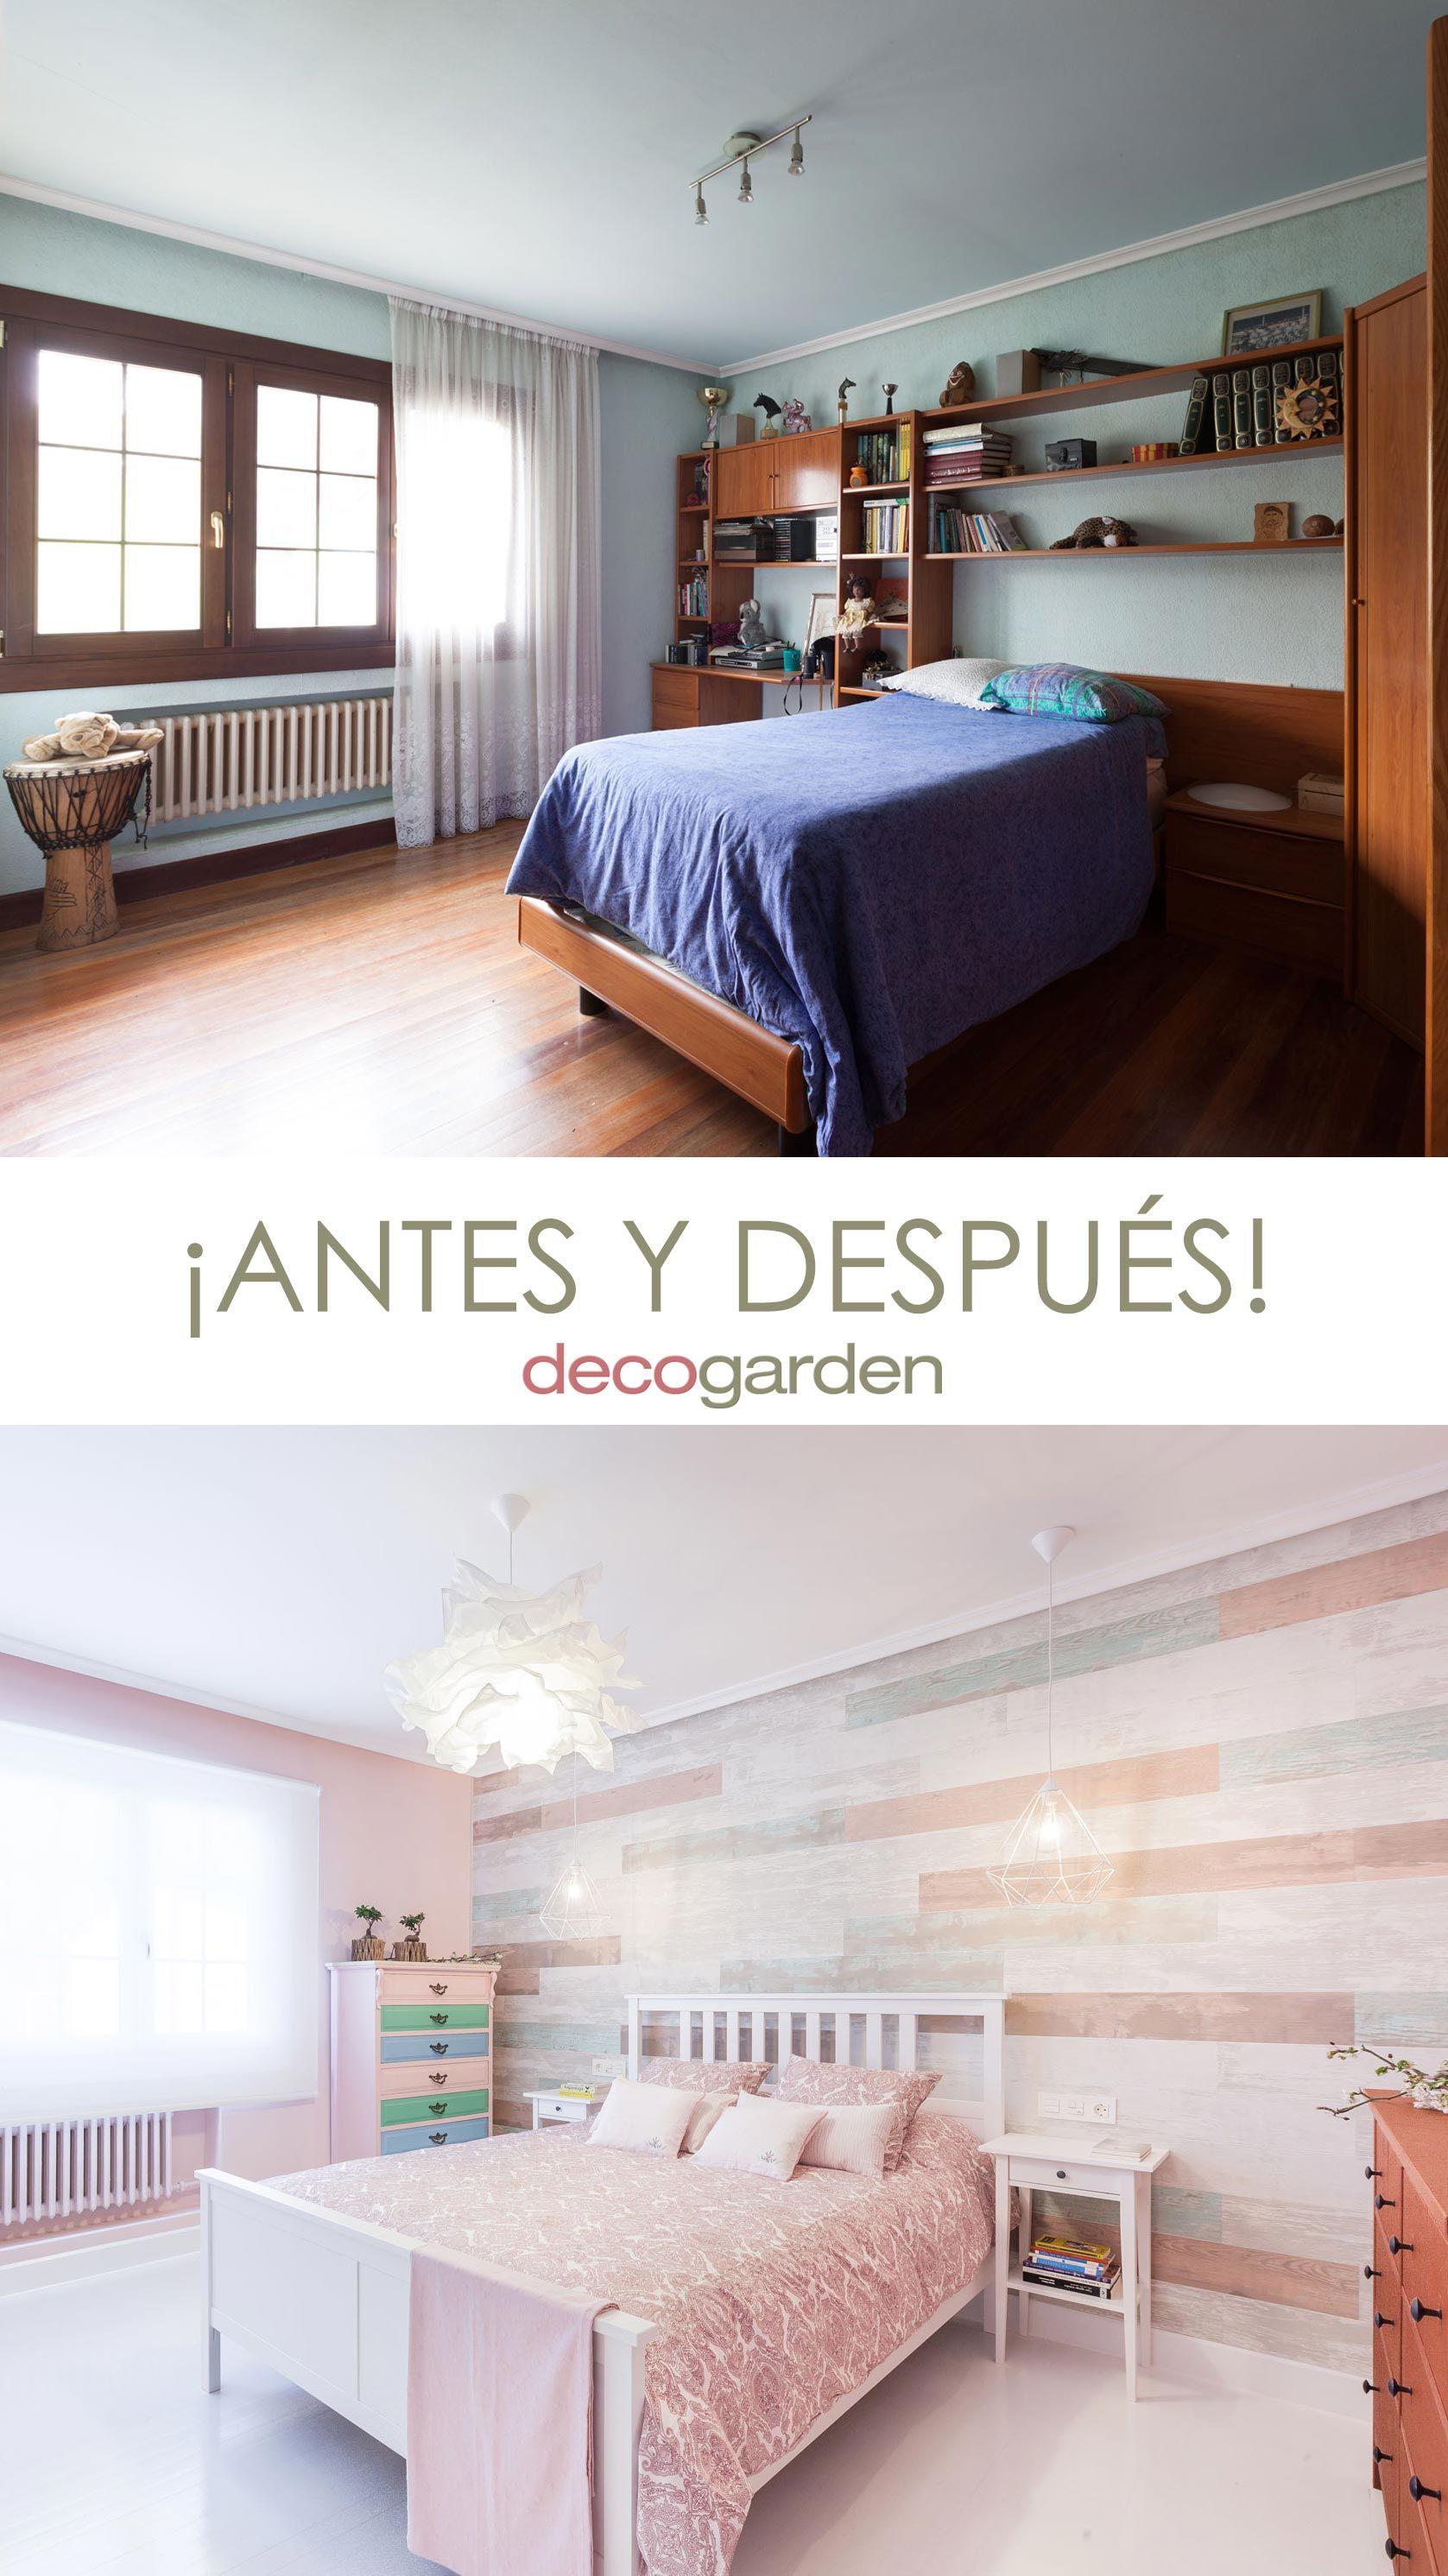 Decorar un dormitorio en tonos rosas - antes y después